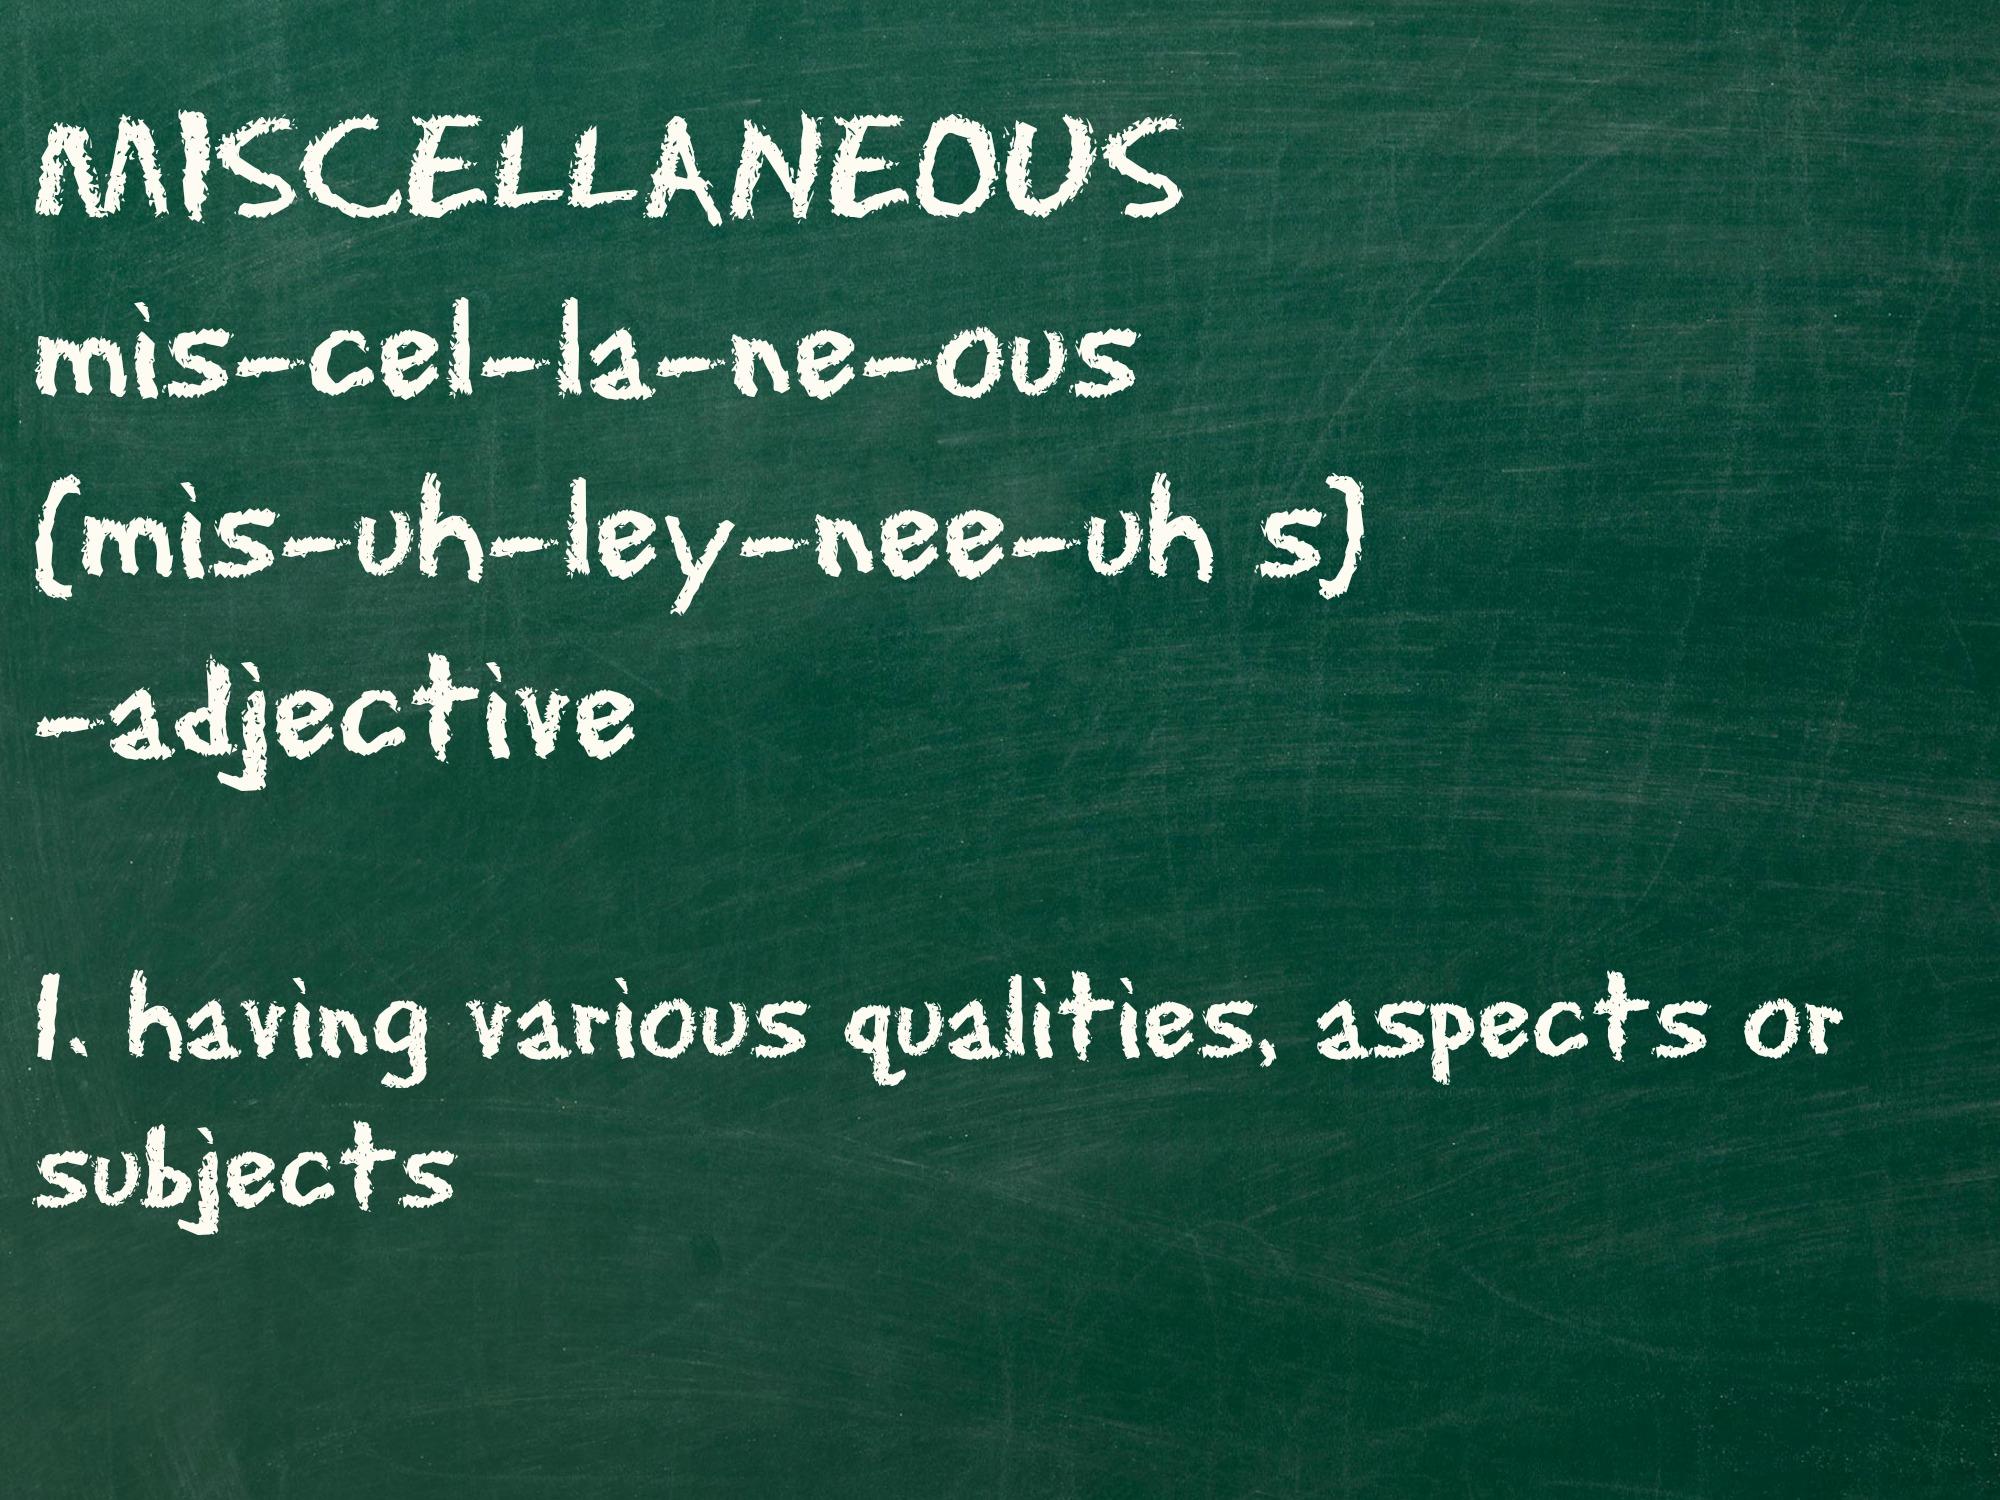 Miscellaneous definition - imgUR